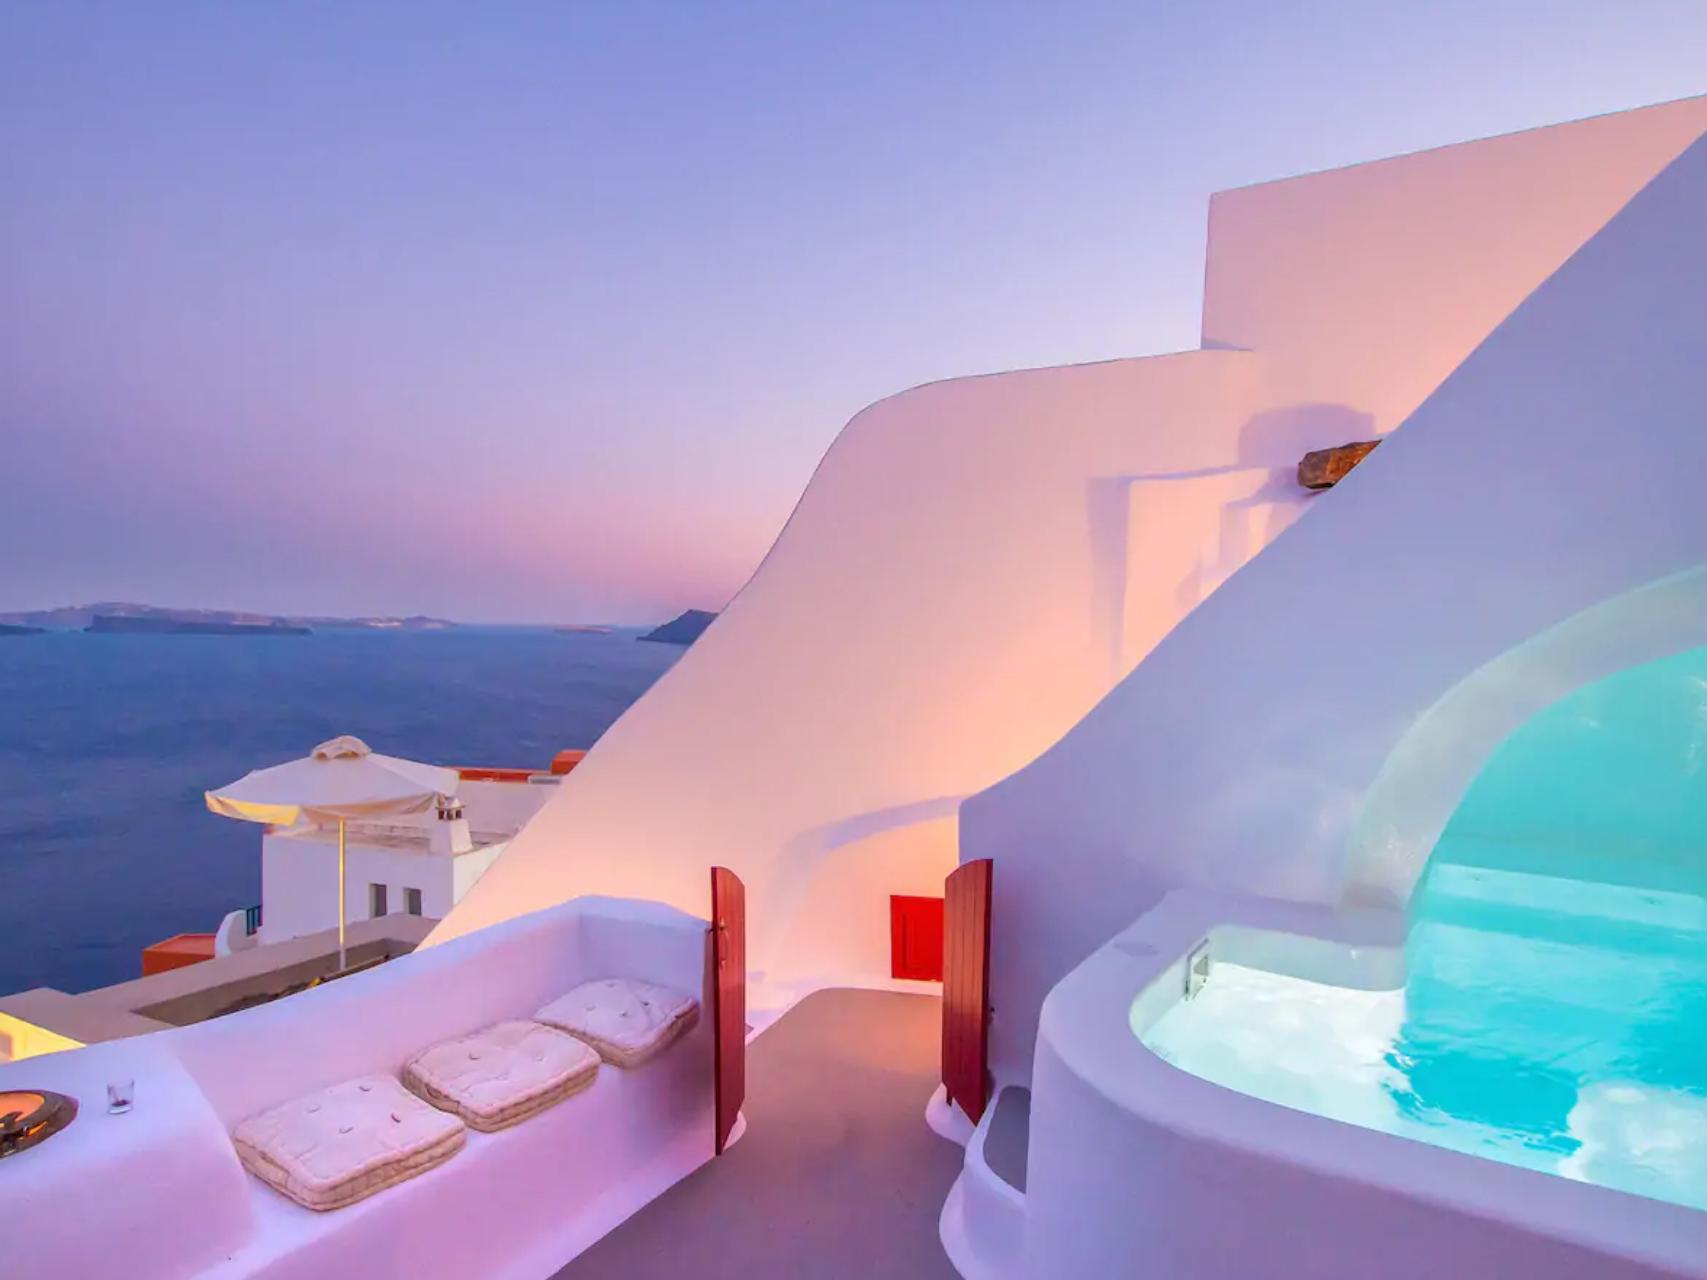 1 milione di dollari per chi inventa le case più strane su Airbnb